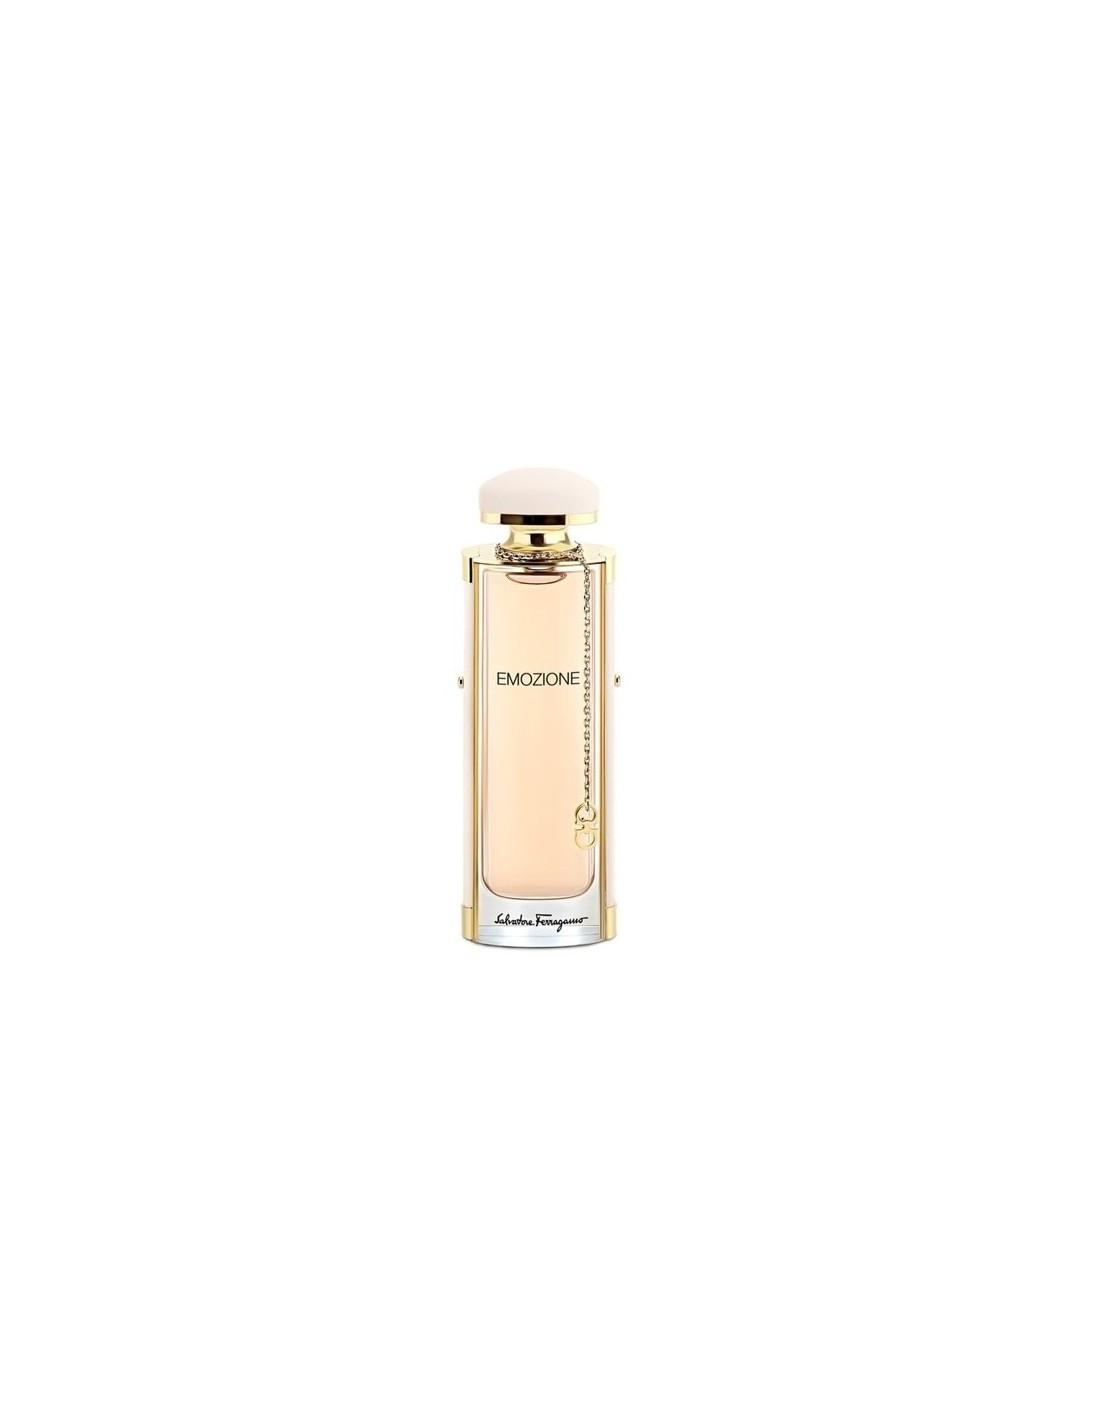 c6383188c0f1d Salvatore Ferragamo Emozione Eau de Parfum 92 ml Spray - TESTER ...